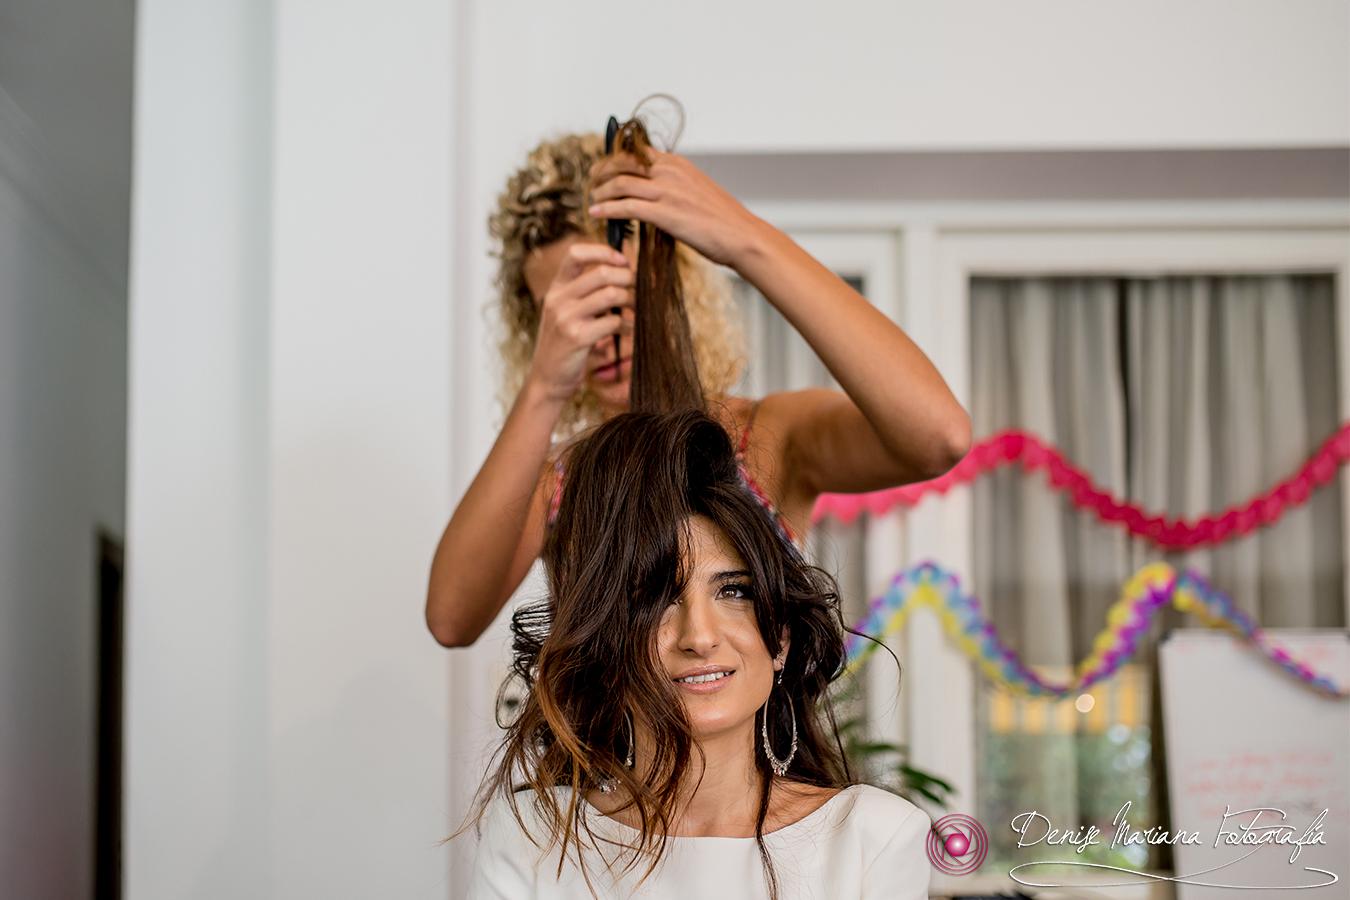 Bodas | Denise Mariana Fotografia